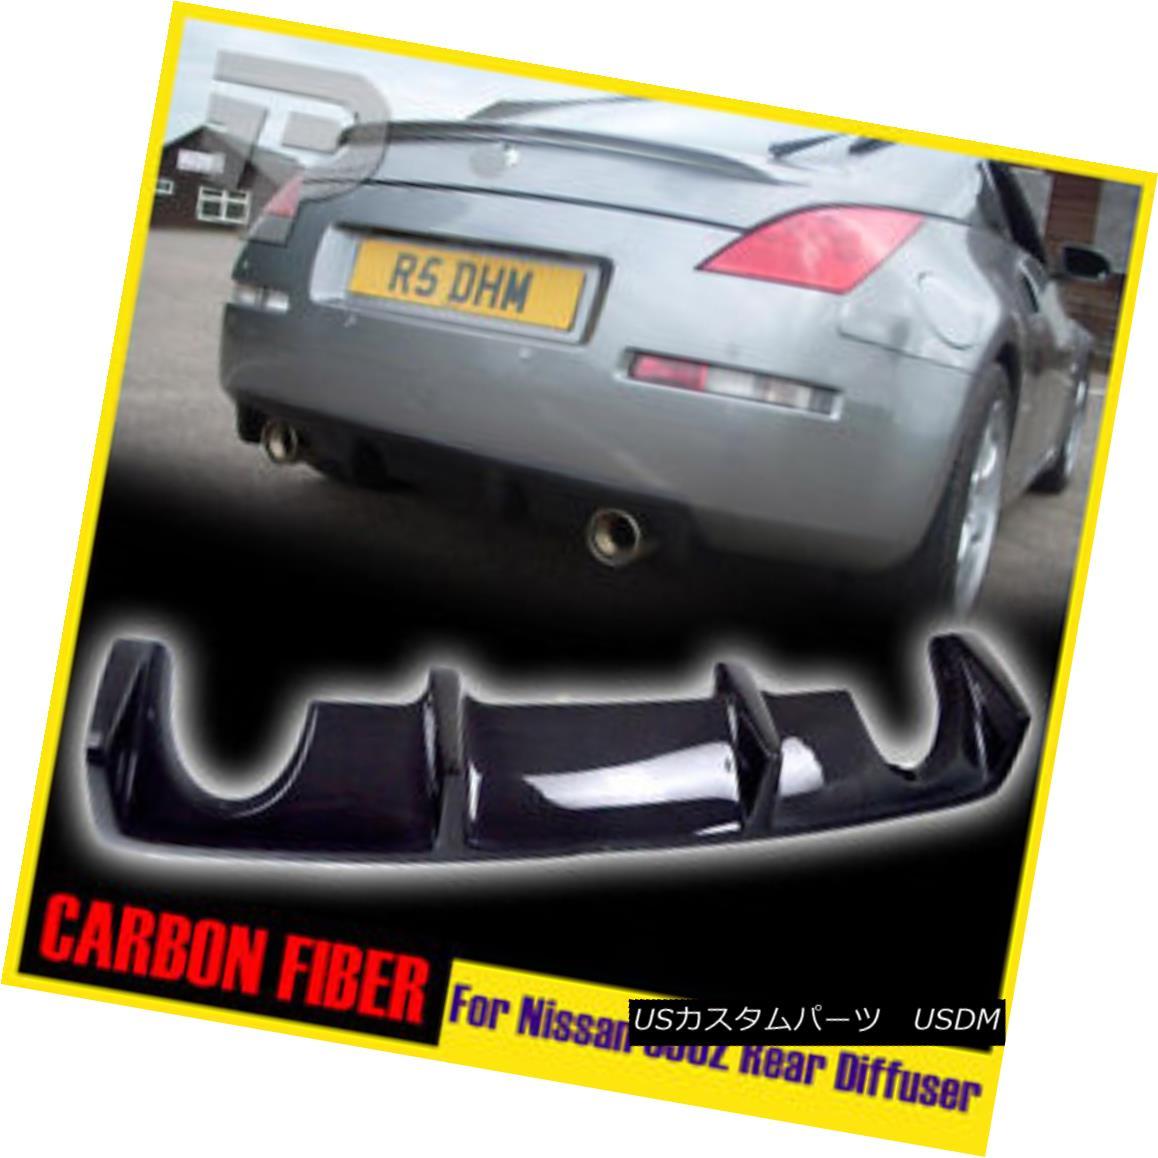 エアロパーツ For Nissan 350Z Z33 Fairlady Coupe Rear Bumper Diffuser Carbon Fiber 03-08 日産350Z Z33用フェアレディクーペリアバンパーディフューザー炭素繊維03-08